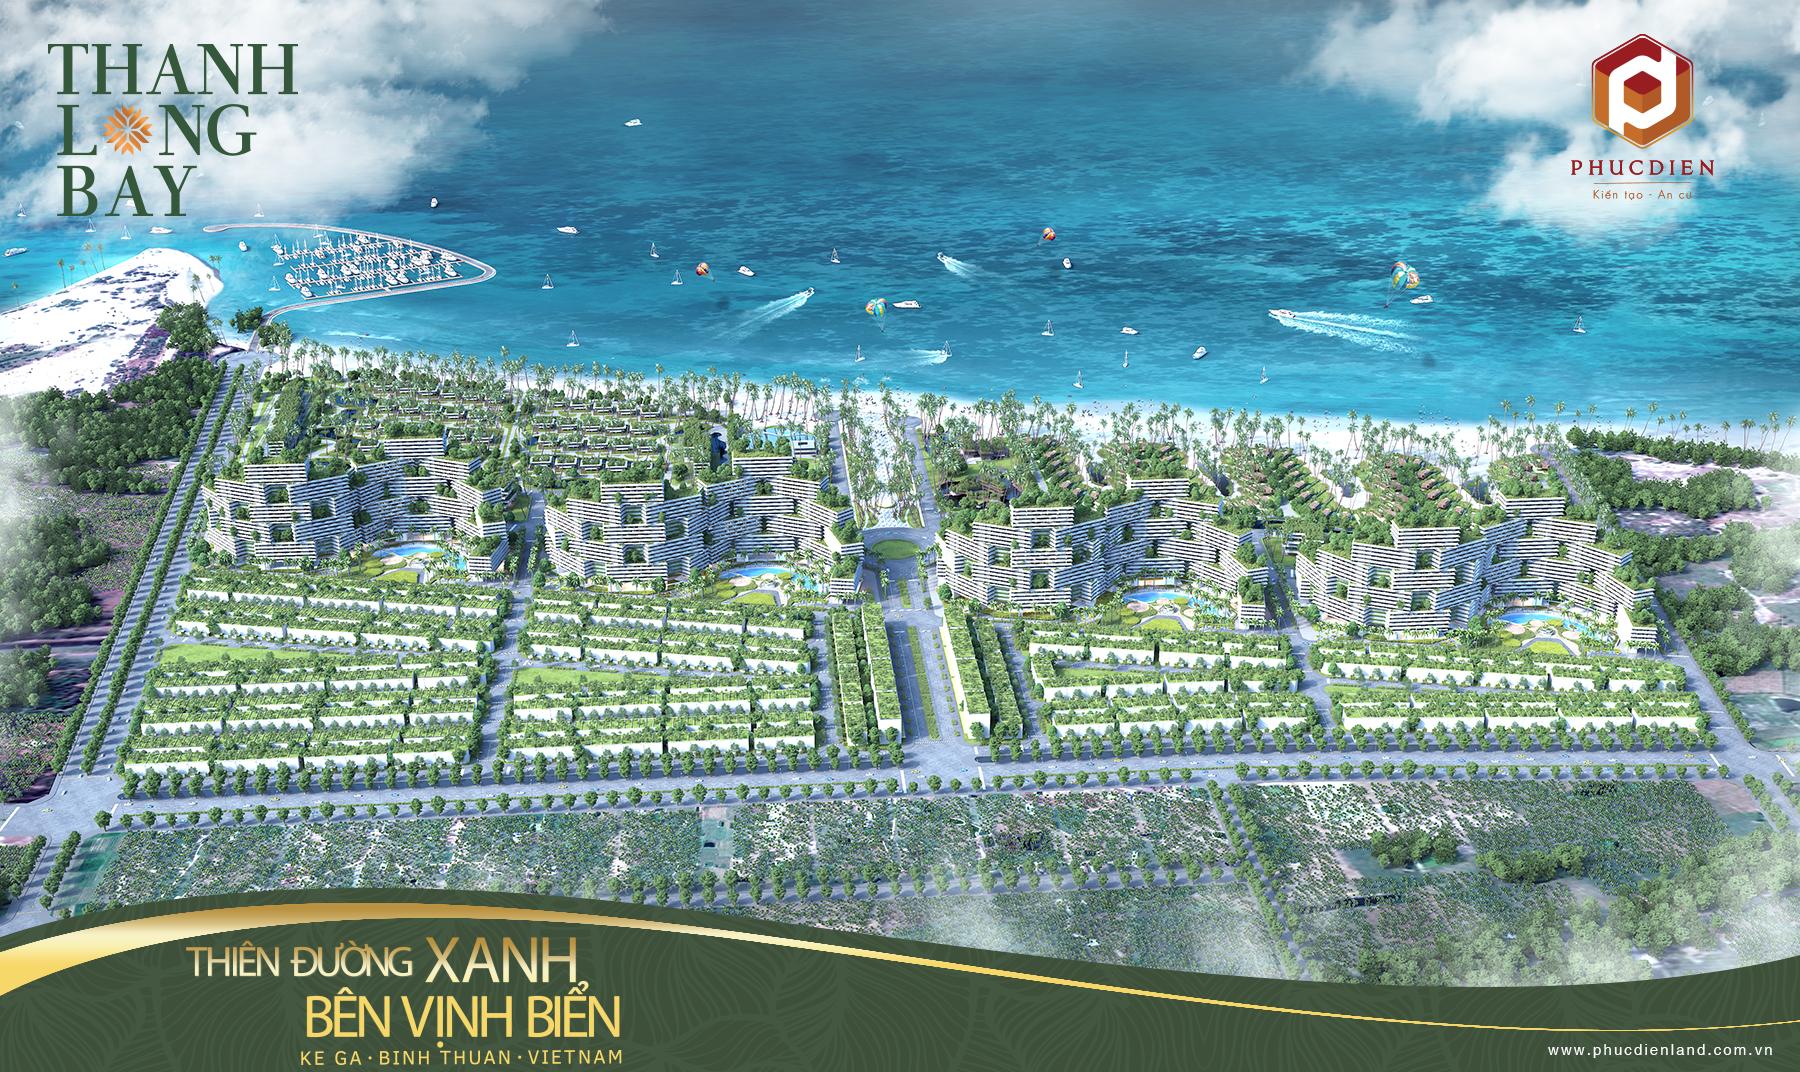 6 lý do hàng đầu hấp dẫn nhà đầu tư của dự án Thanh Long Bay 1